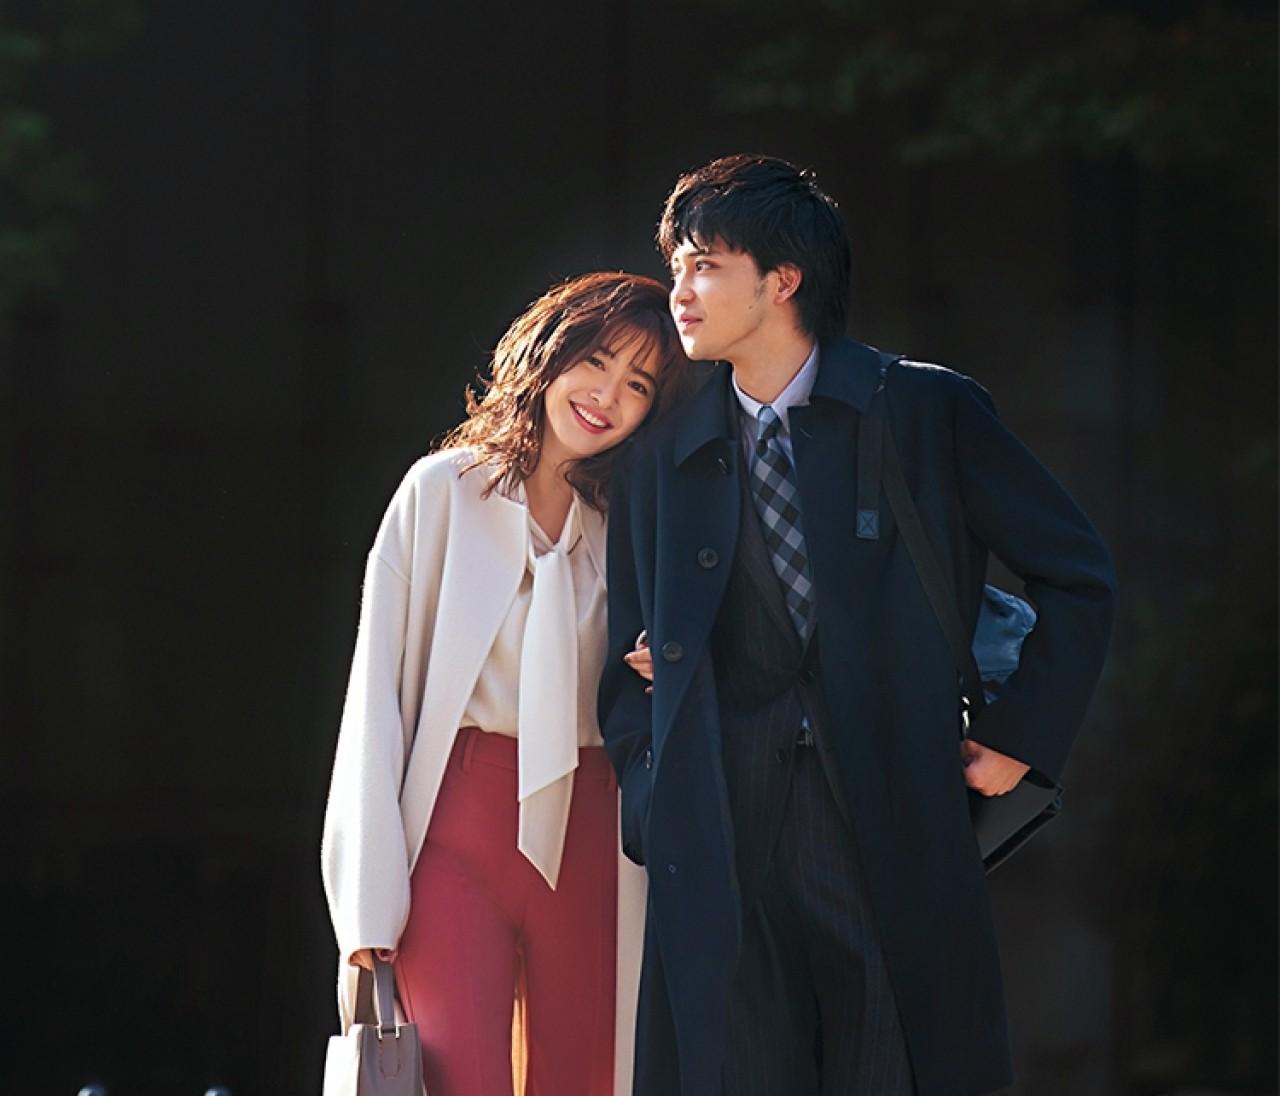 彼と出社する日は、コーラルピンクのパンツで大人可愛い通勤スタイル♡【2019/12/12のコーデ】